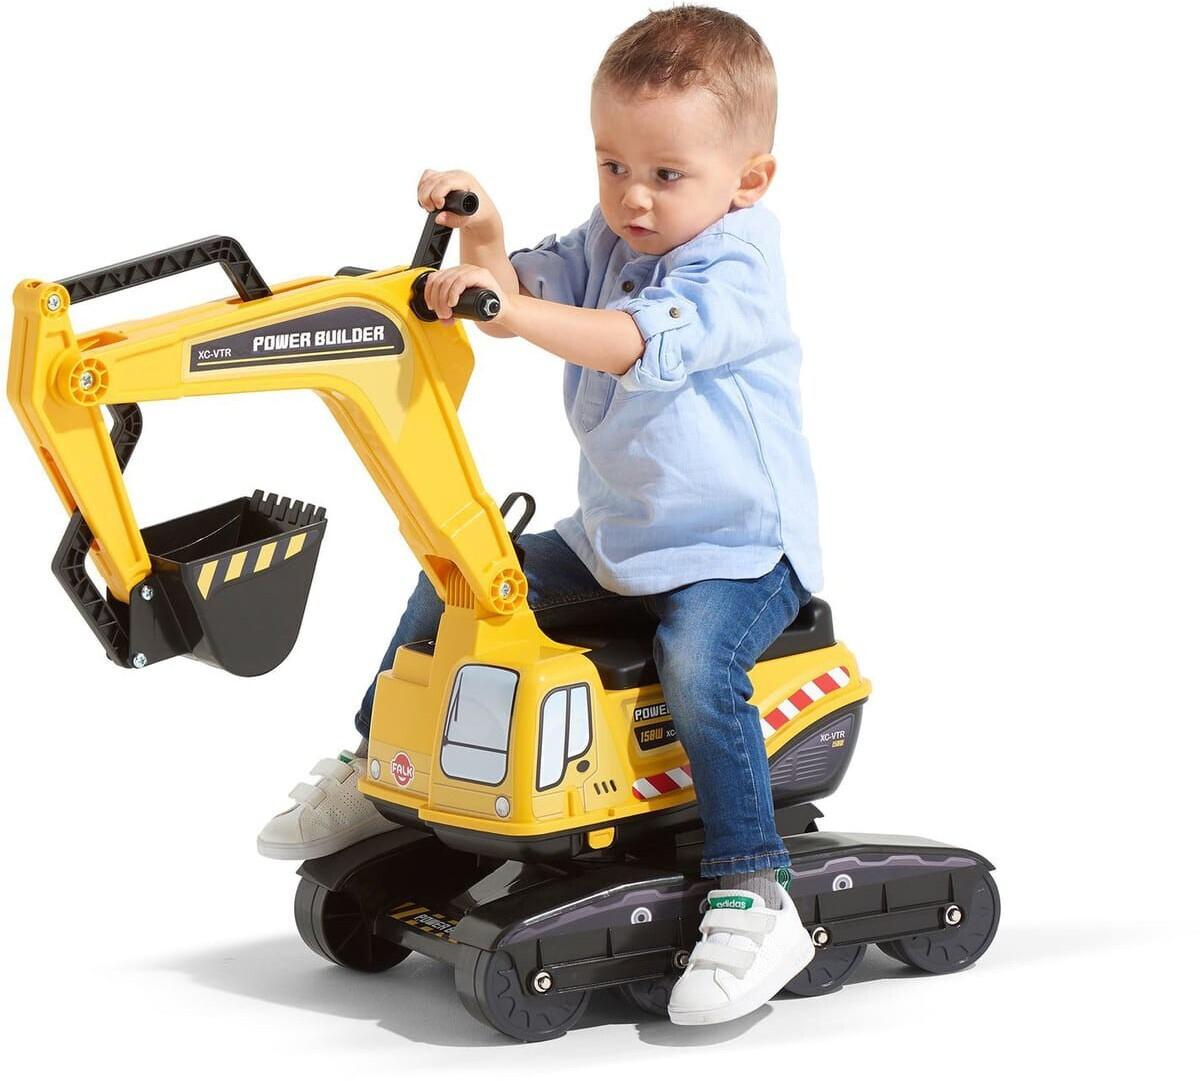 Falk 120, Kinder Baumaschine, Power Builder Bagger